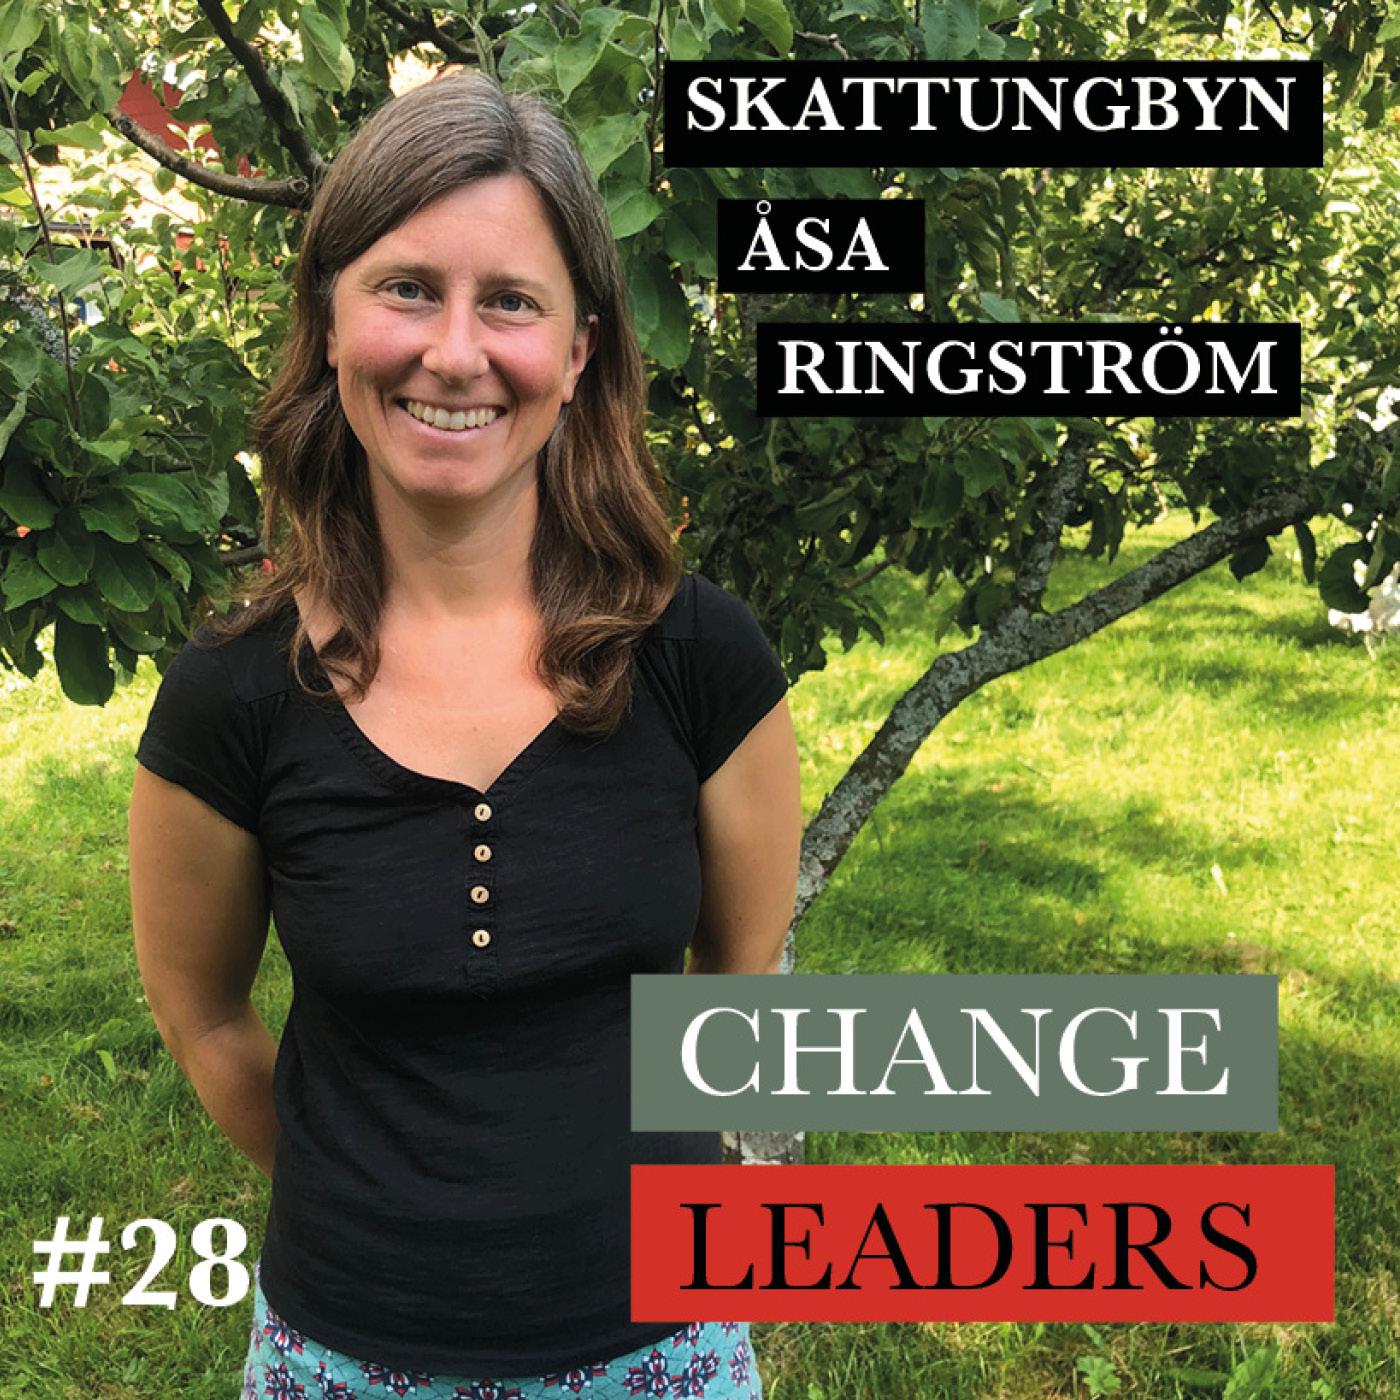 #28 Skattungbyn del 3 - Åsa Ringström